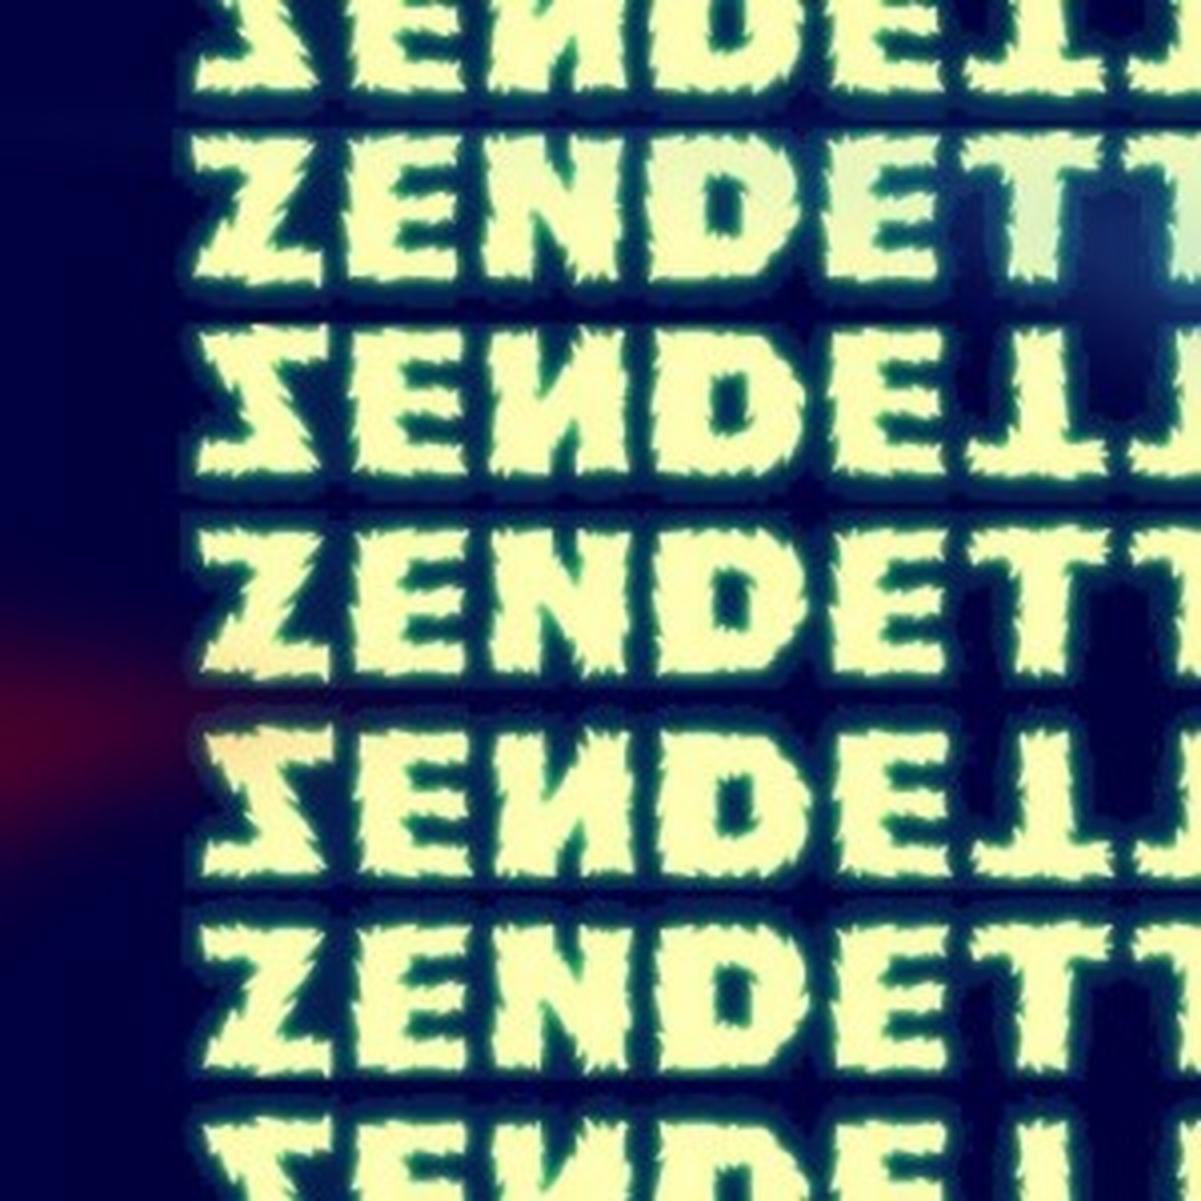 Zendetta wiki, Zendetta review, Zendetta history, Zendetta news